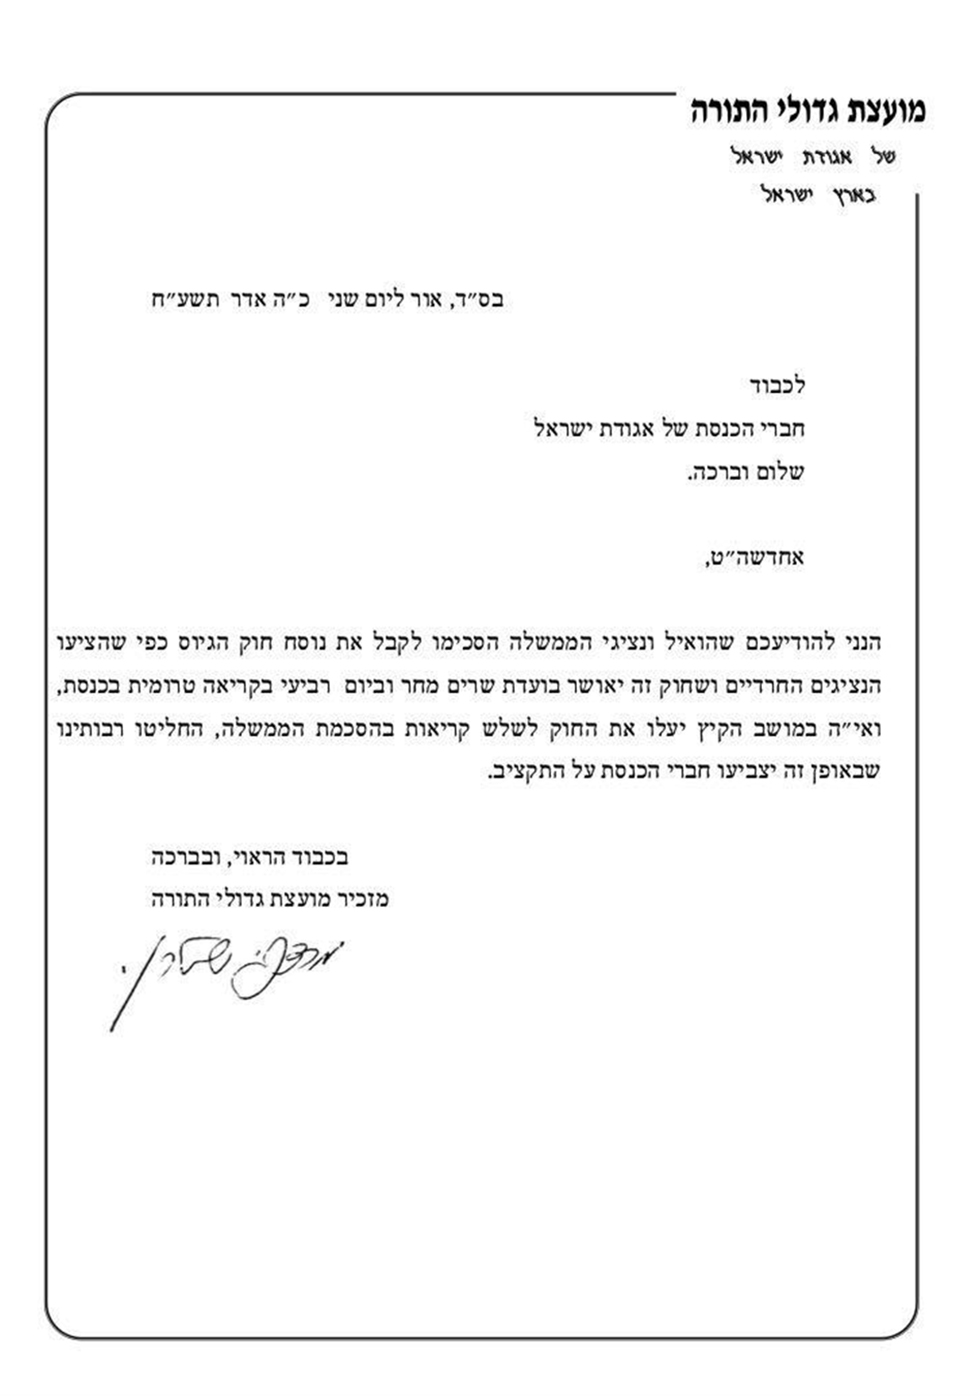 מכתב מועצת גדולי התורה